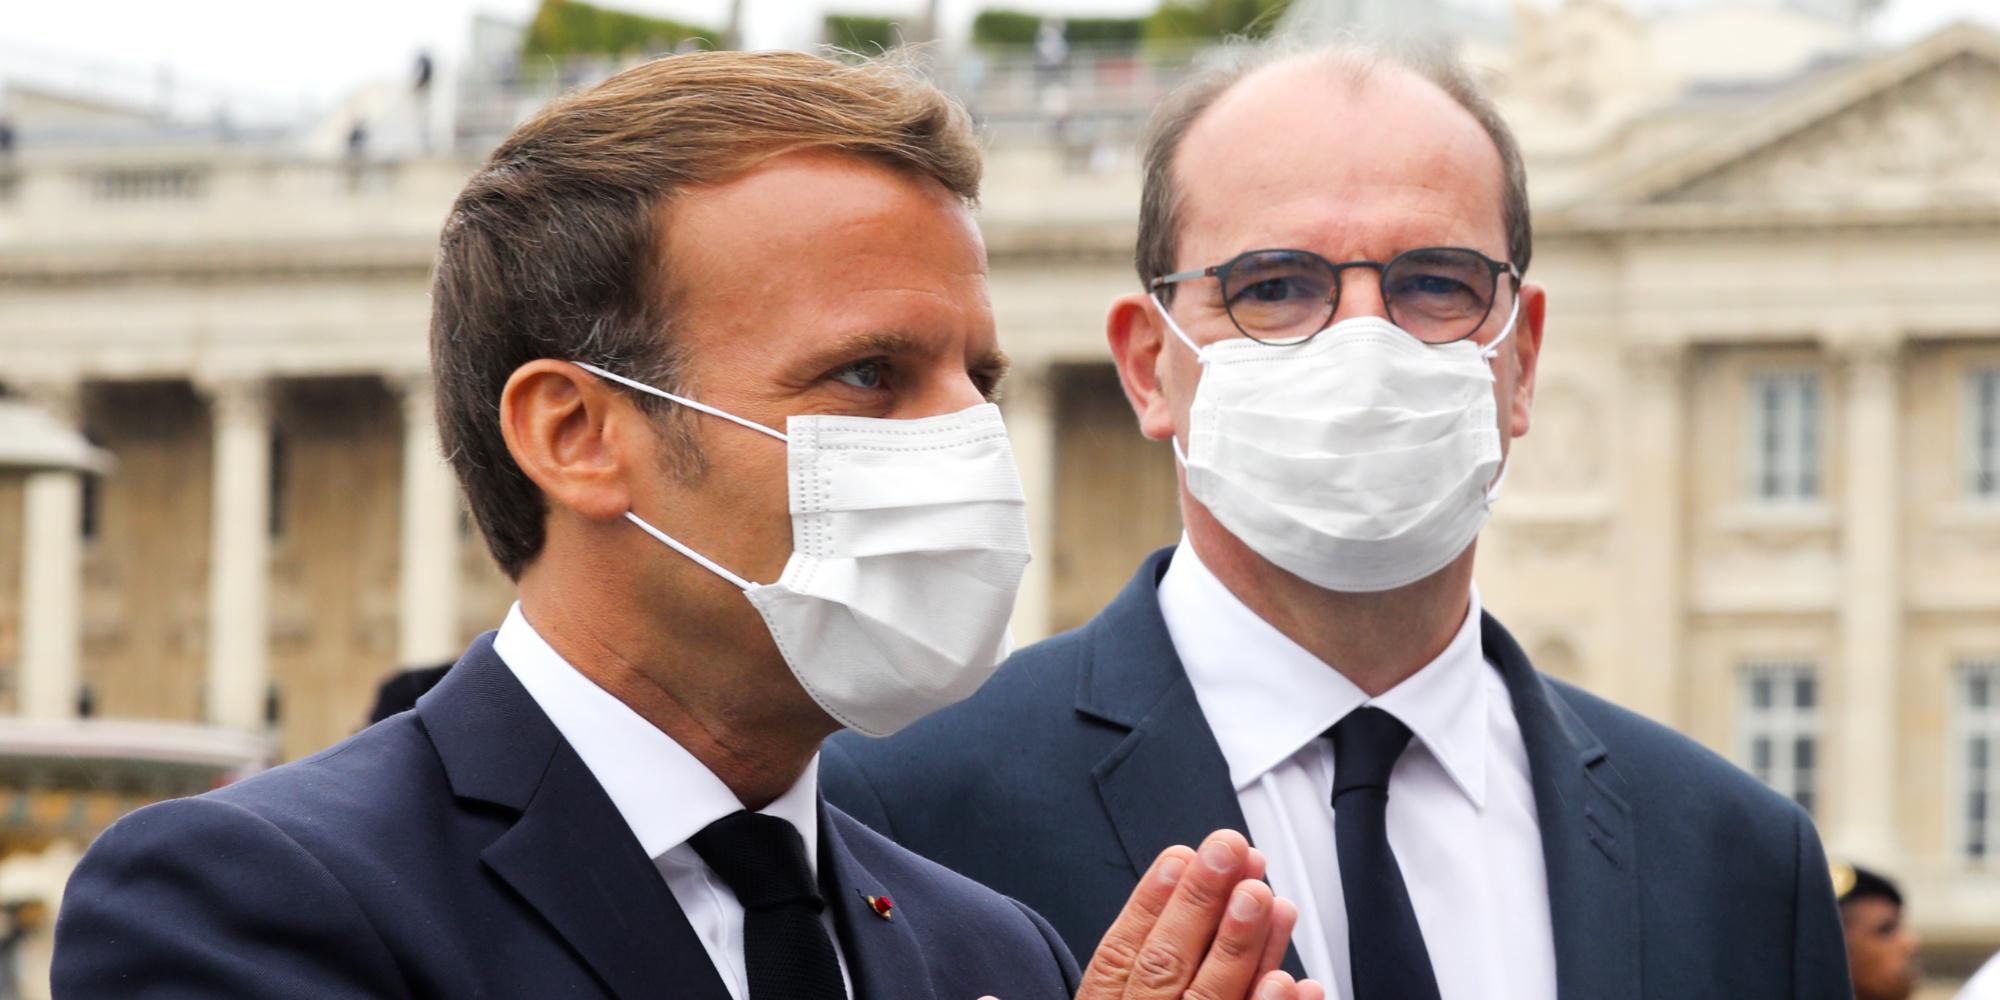 La popularité d'Emmanuel Macron en hausse, celle de Jean Castex reste stable